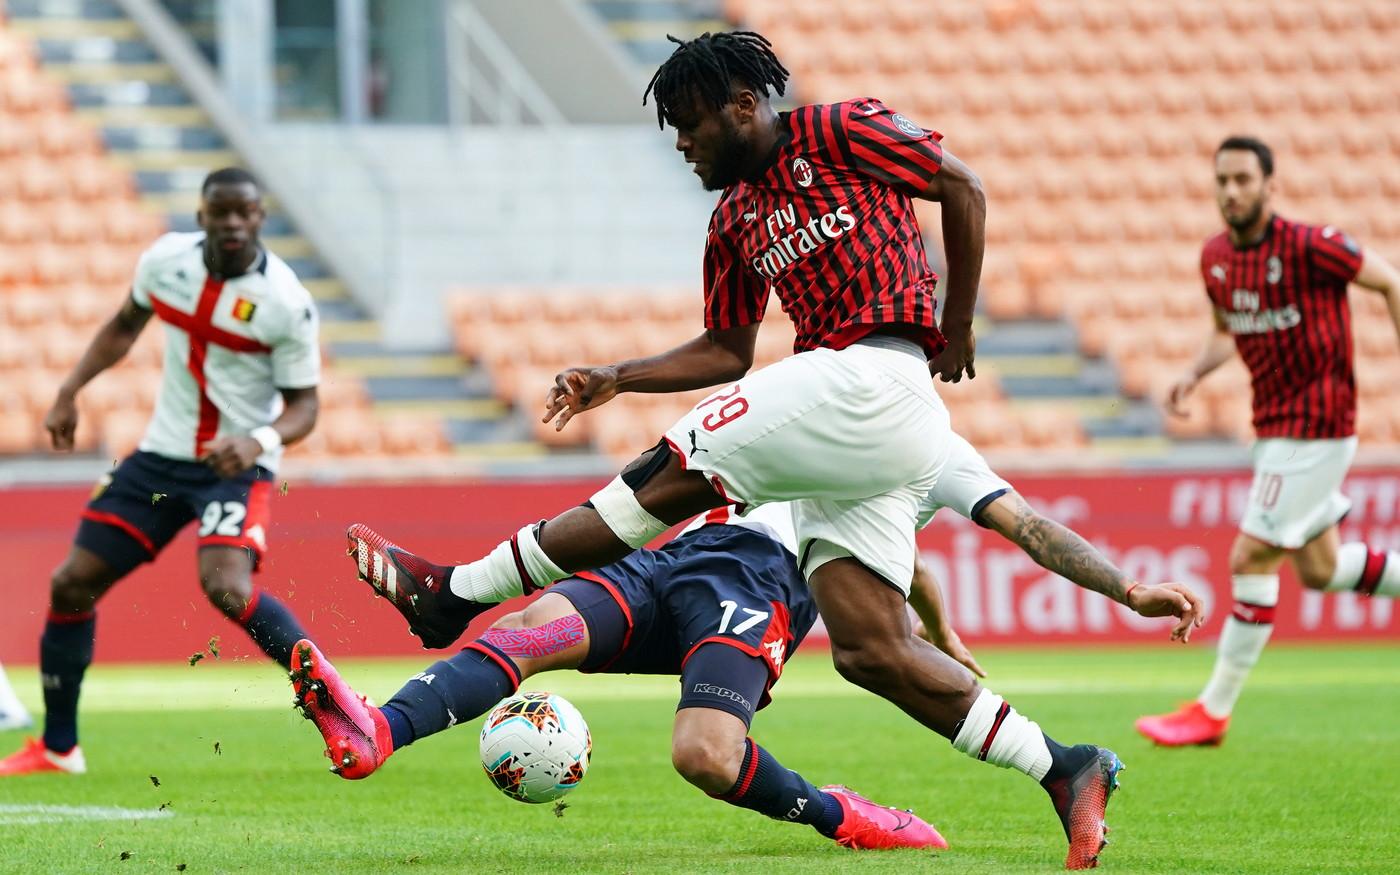 In un San SIro spettrale, i rossoneri di Pioli hanno perso 1-2 contro il Genoa di Nicola